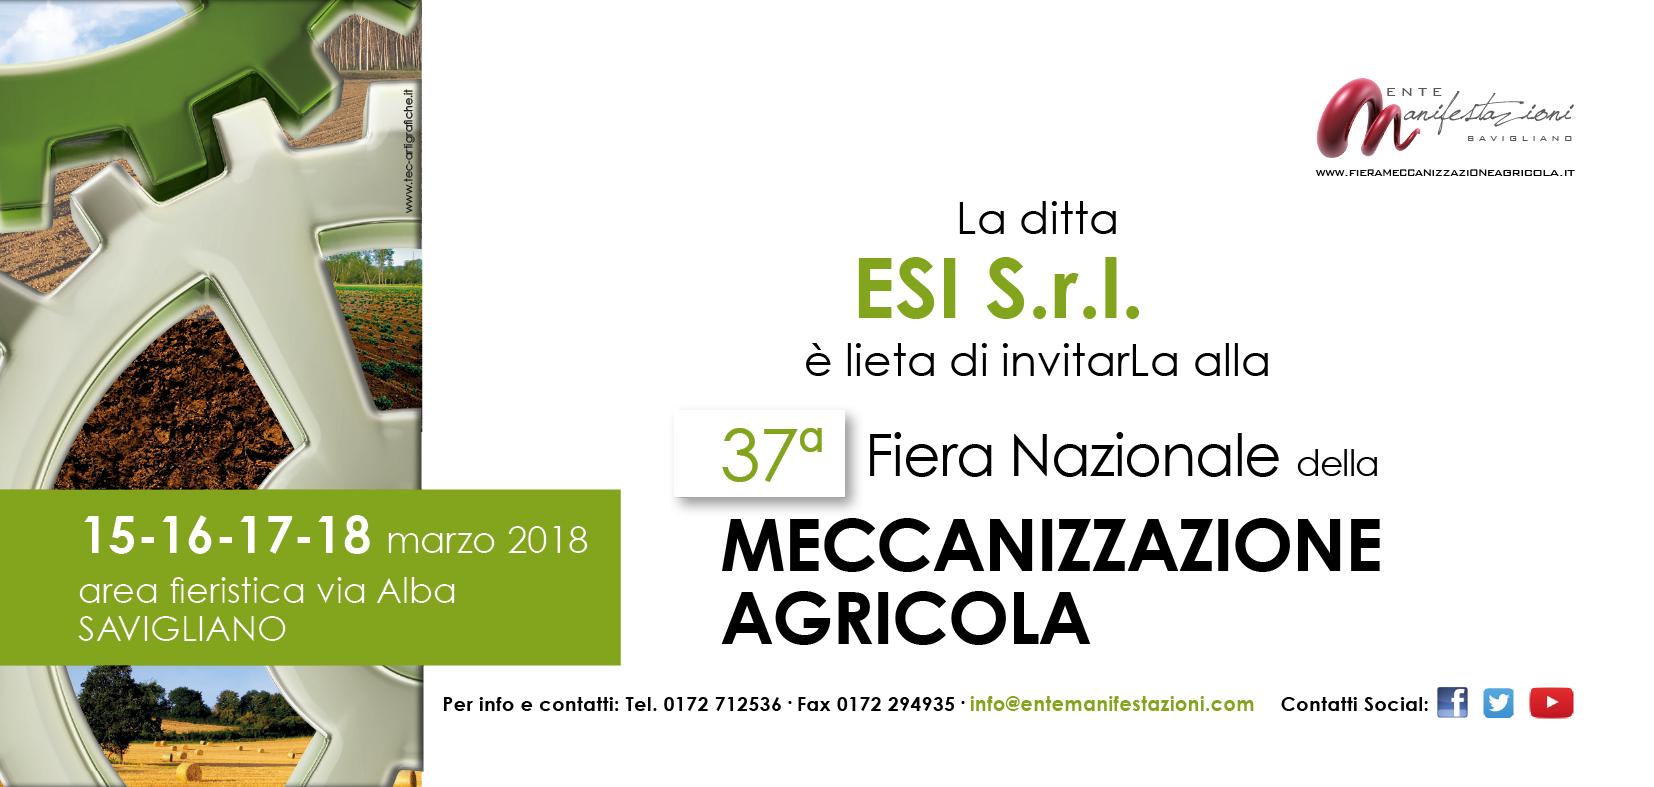 Invito EXPO_fiera MEC_2018 ESI